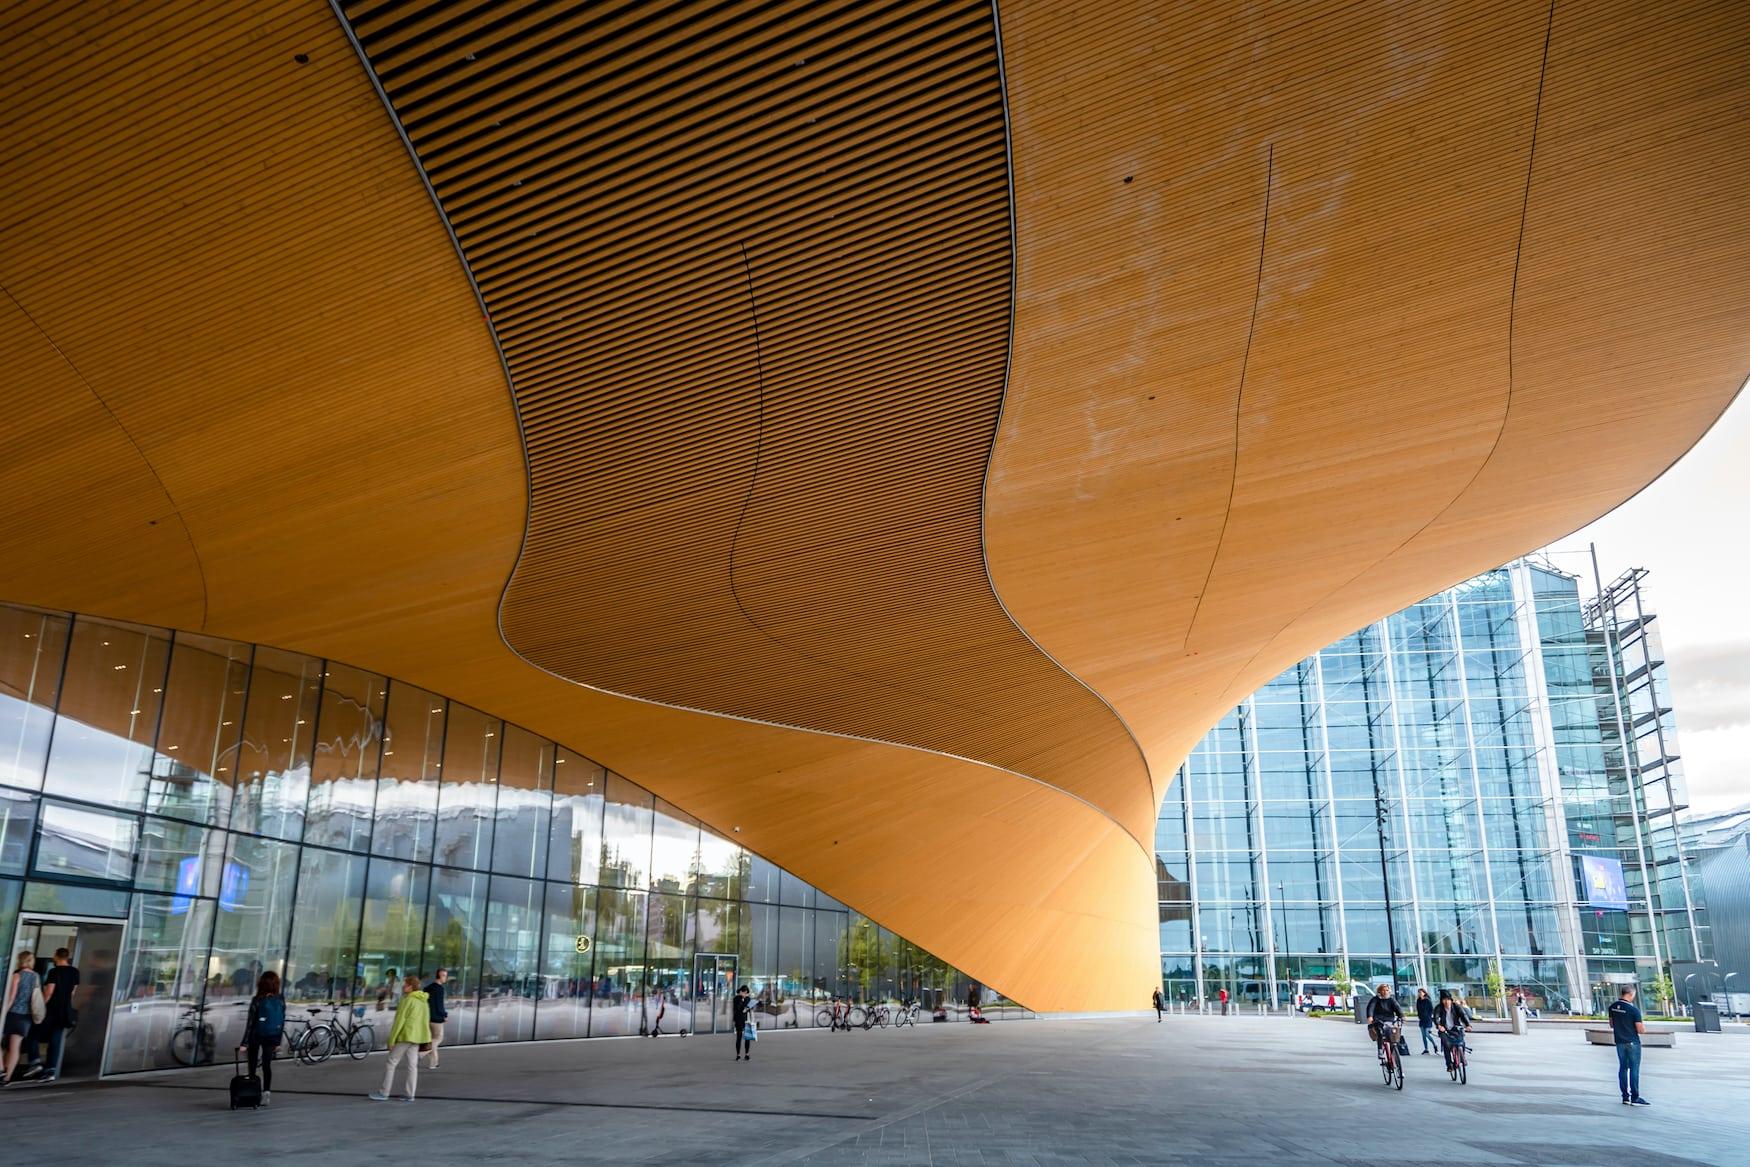 Die Library in helsinki ist ein architektonischer Blickfang